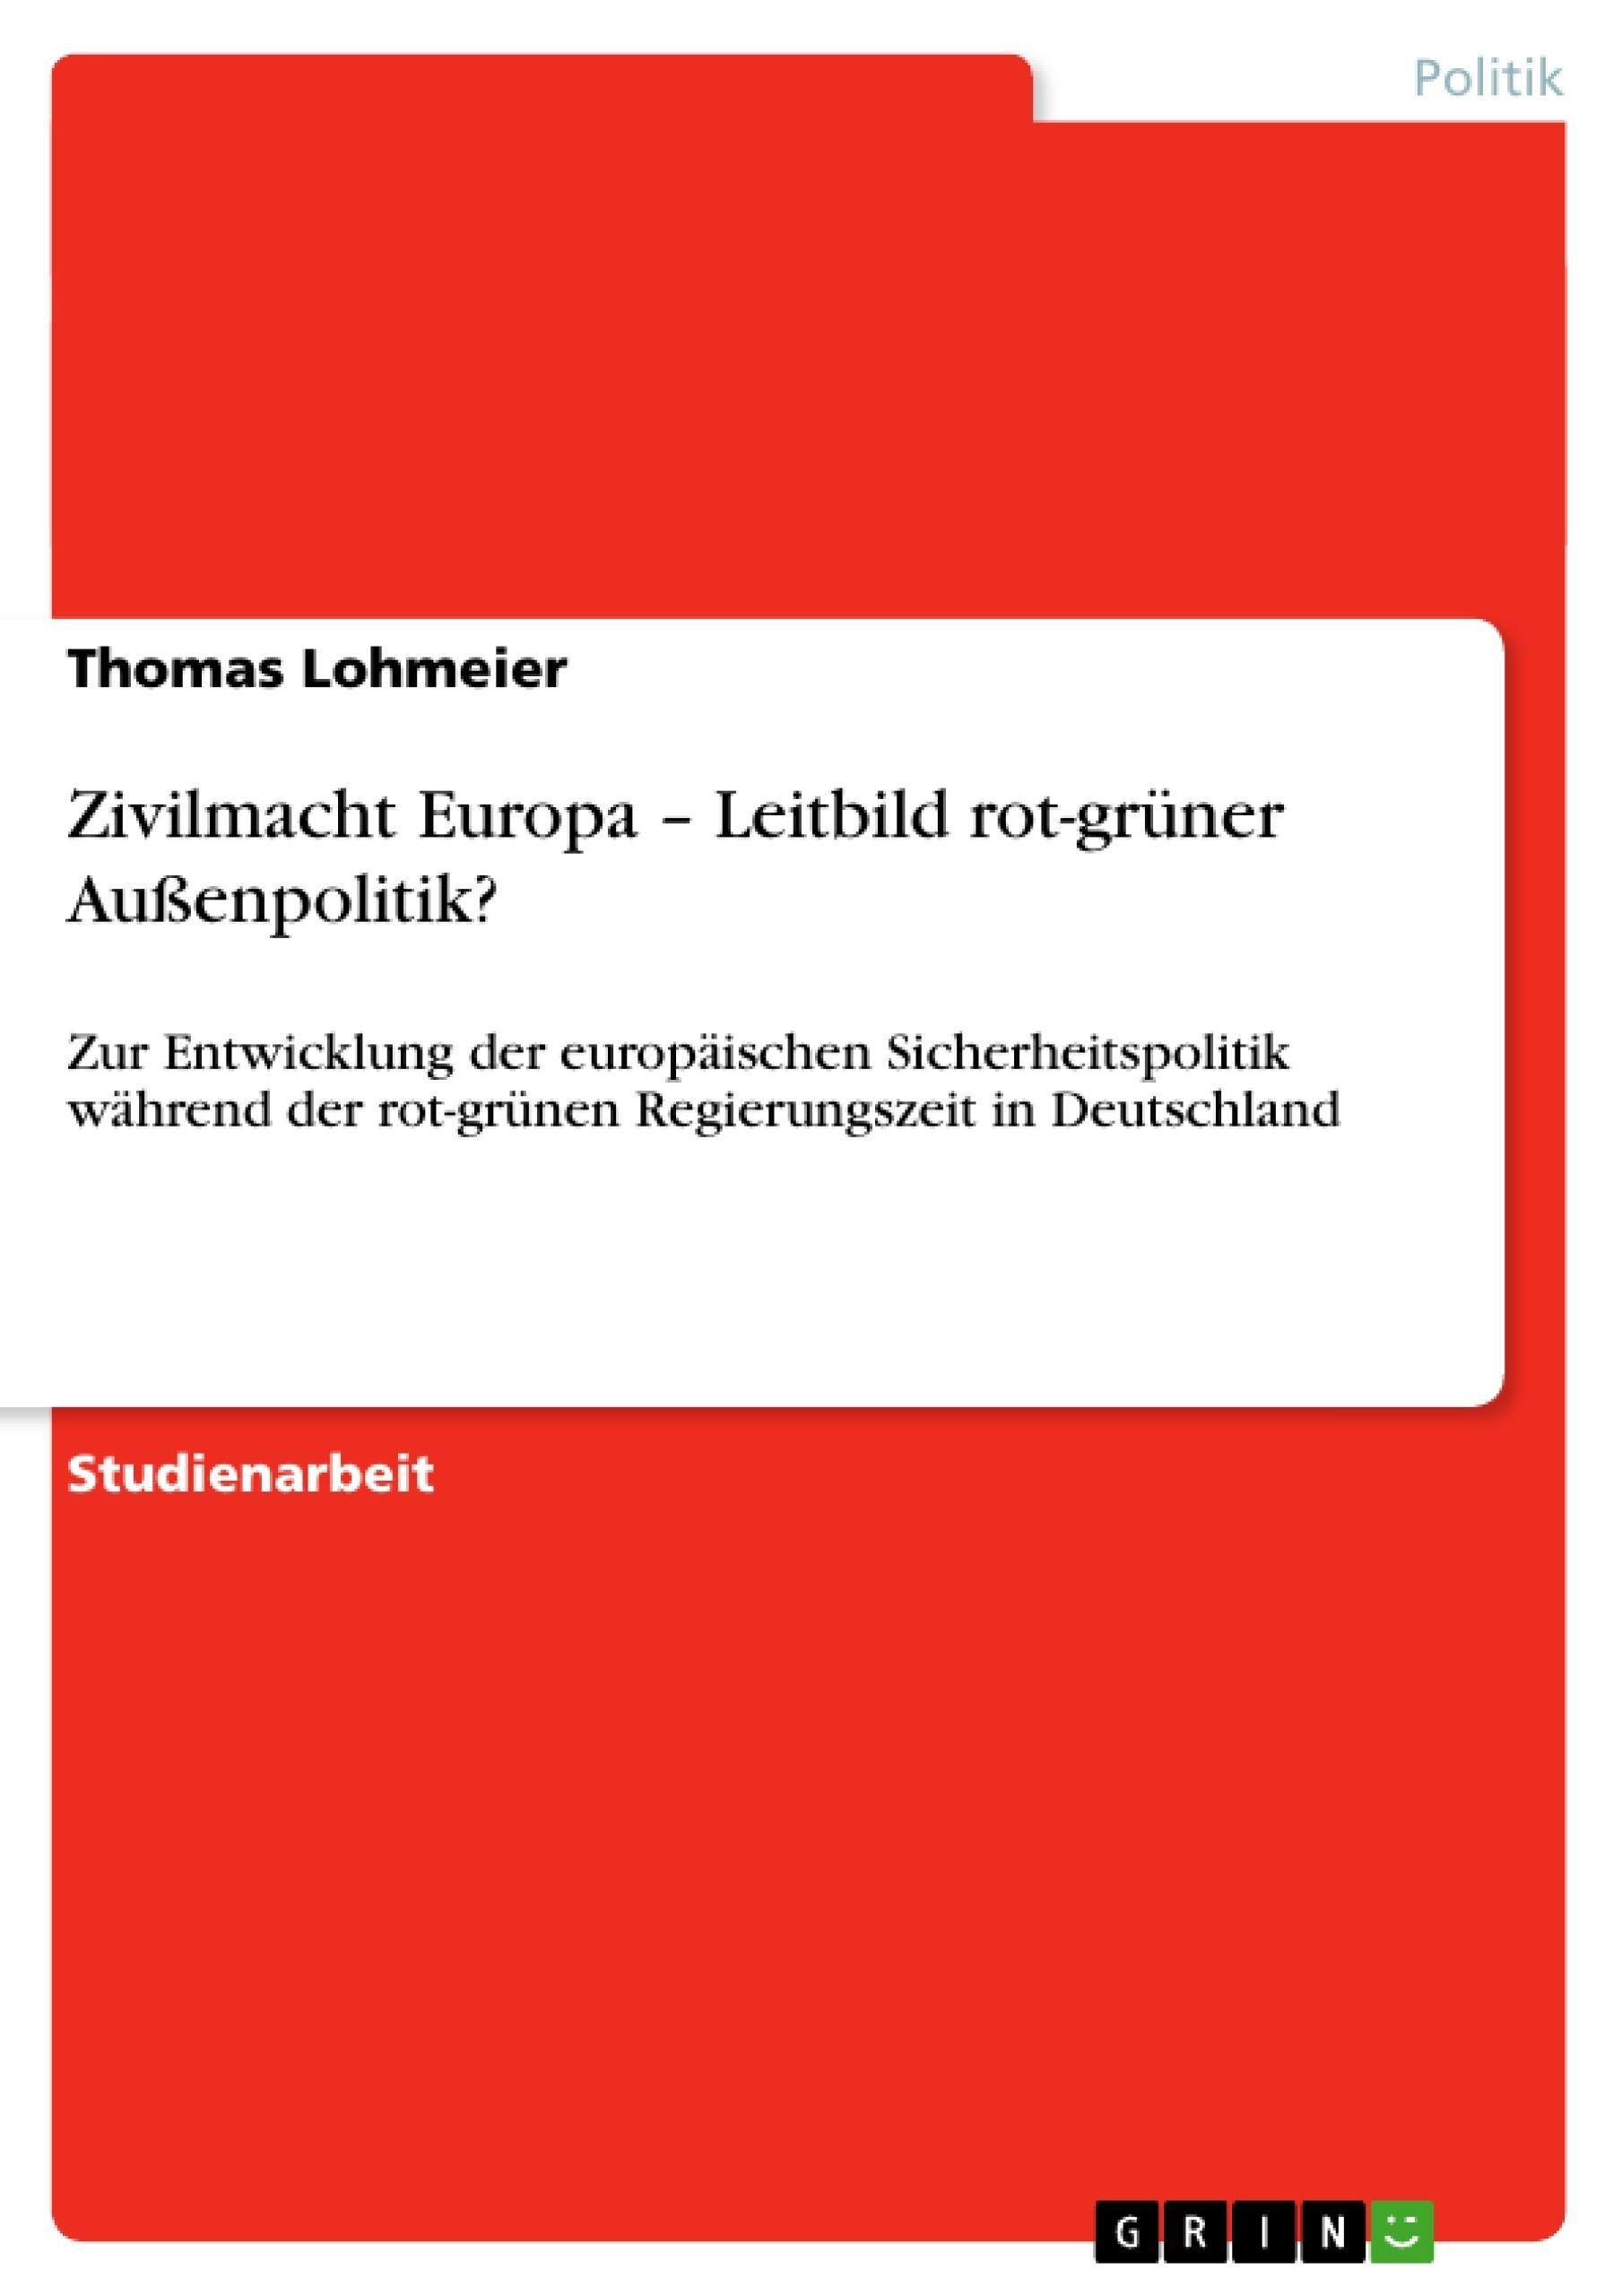 Titel: Zivilmacht Europa – Leitbild rot-grüner Außenpolitik?